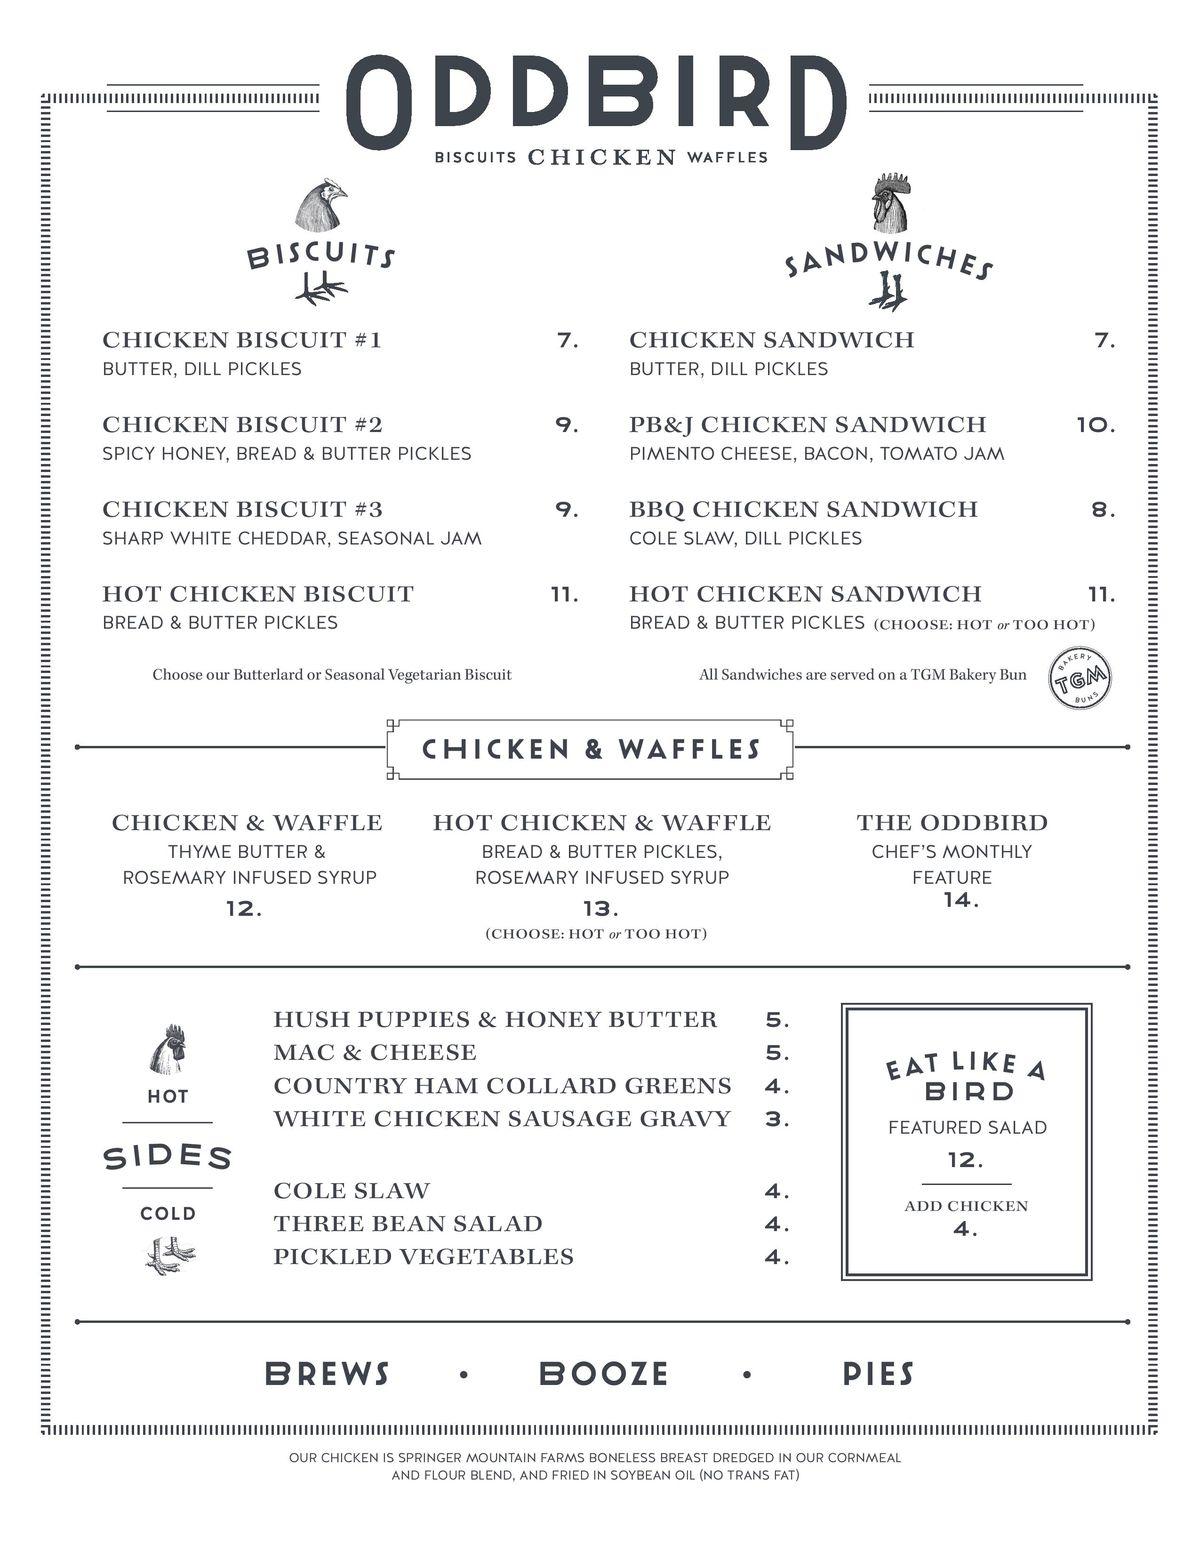 Oddbird menu